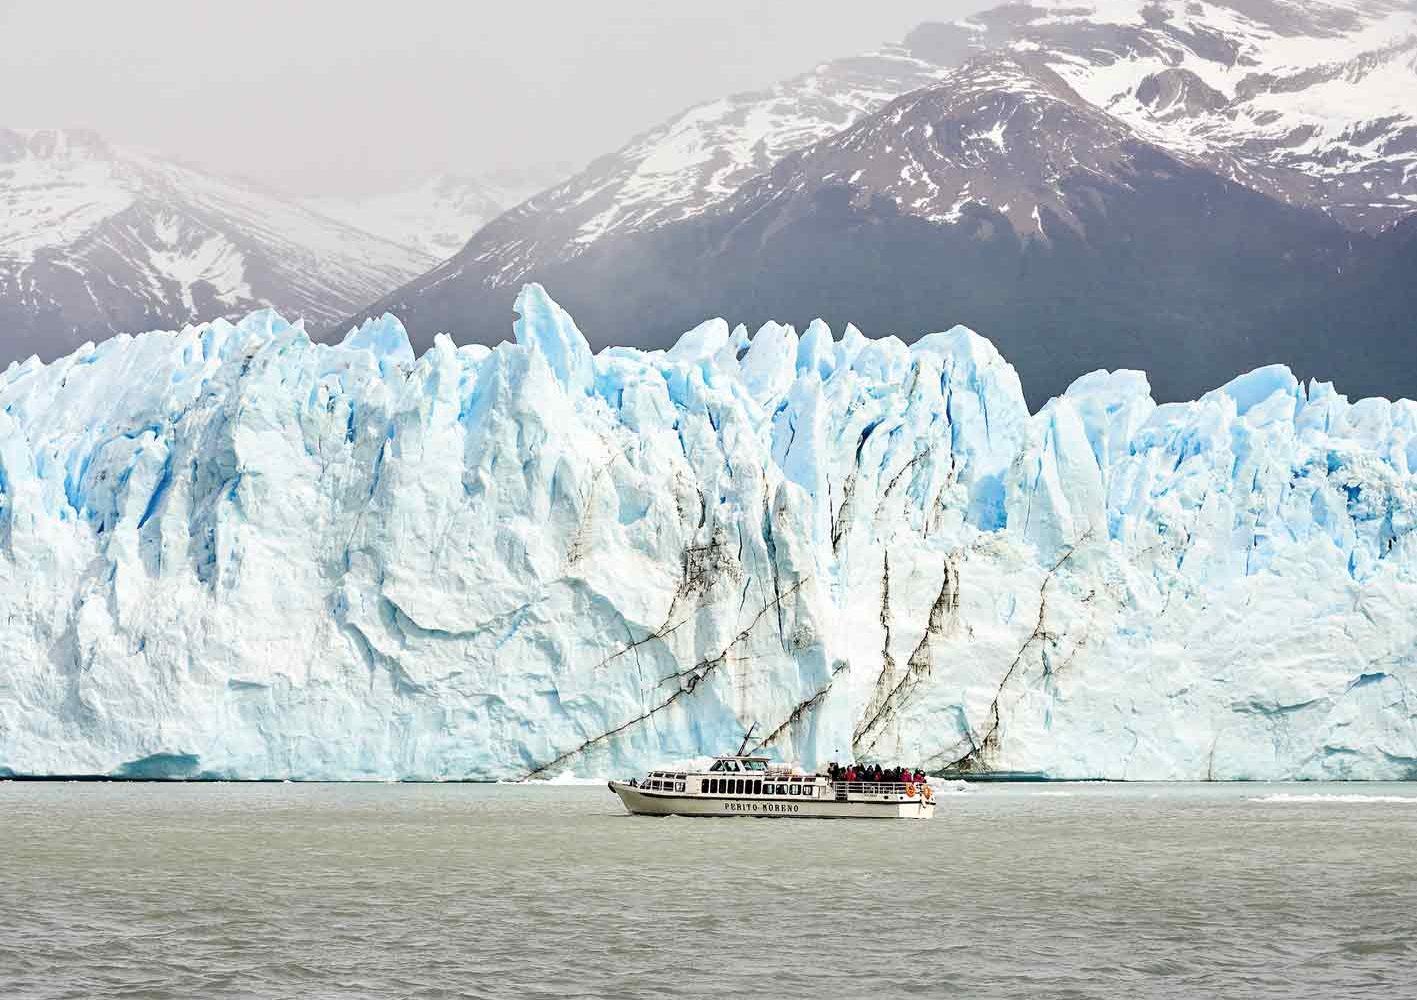 Schifffahrt zum Perito Moreno-Gletscher, Argentinien